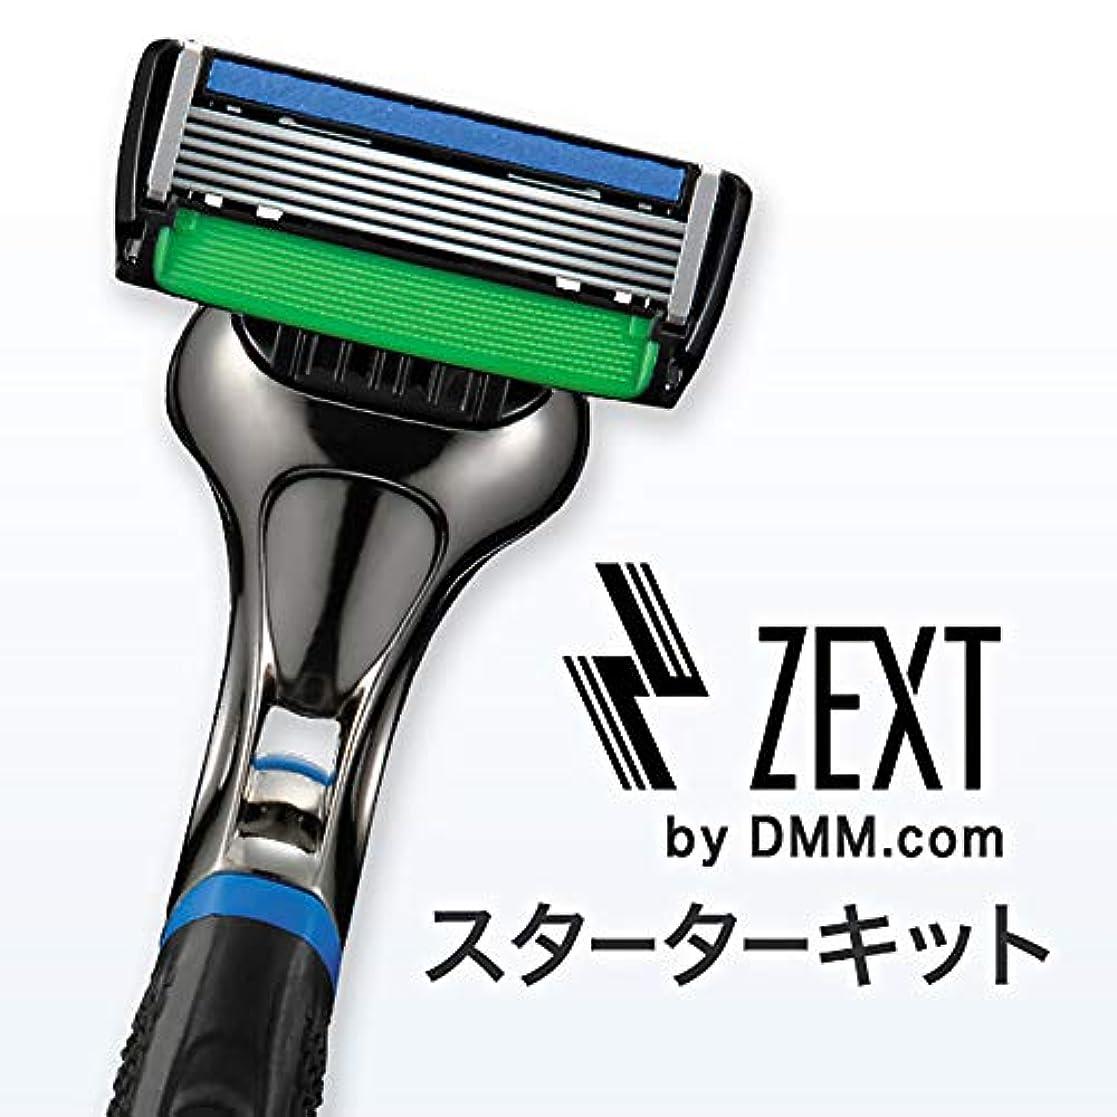 嫌がる落胆した自動ZEXT 6枚刃カミソリ 本体替刃1個付